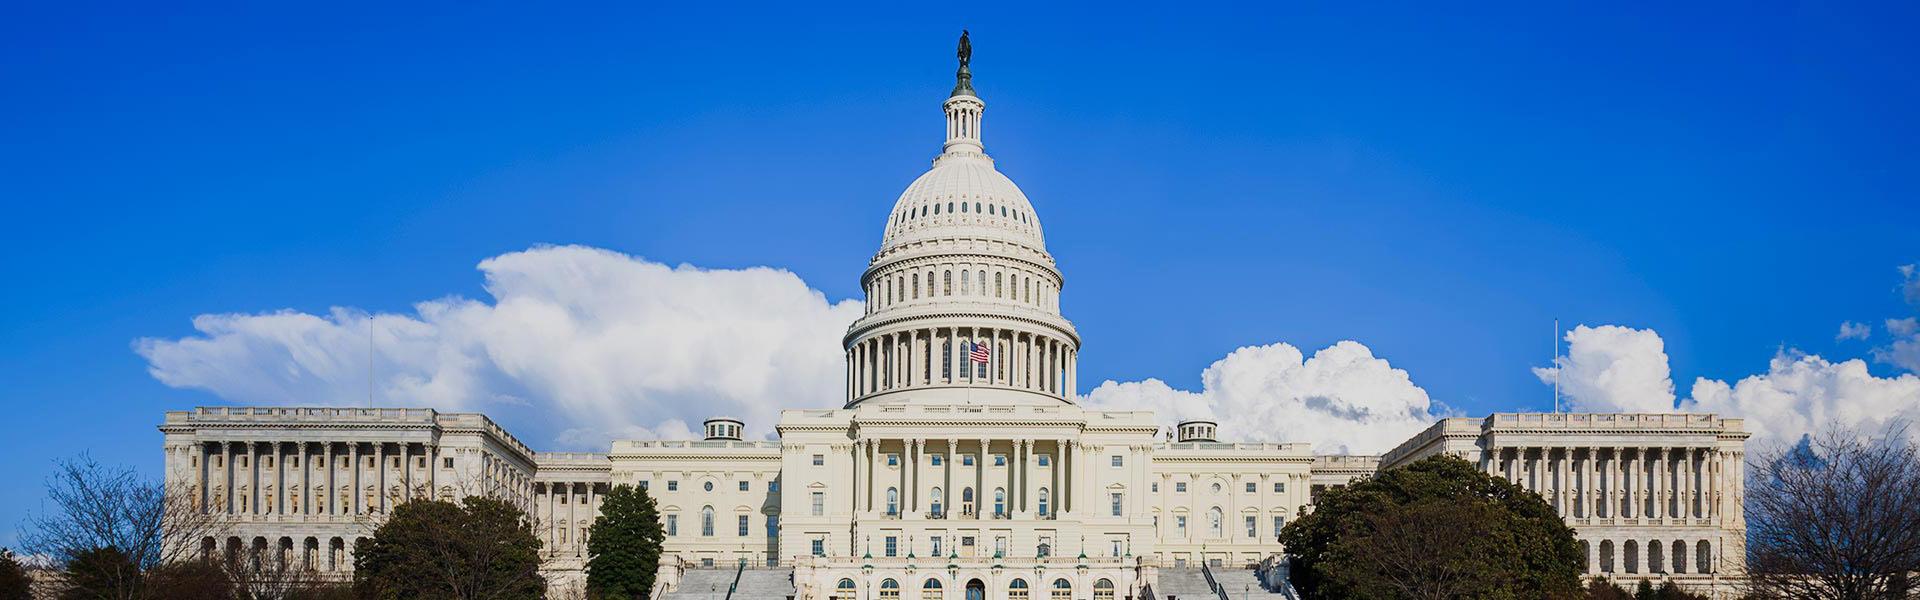 Capital Hill in Washington DC